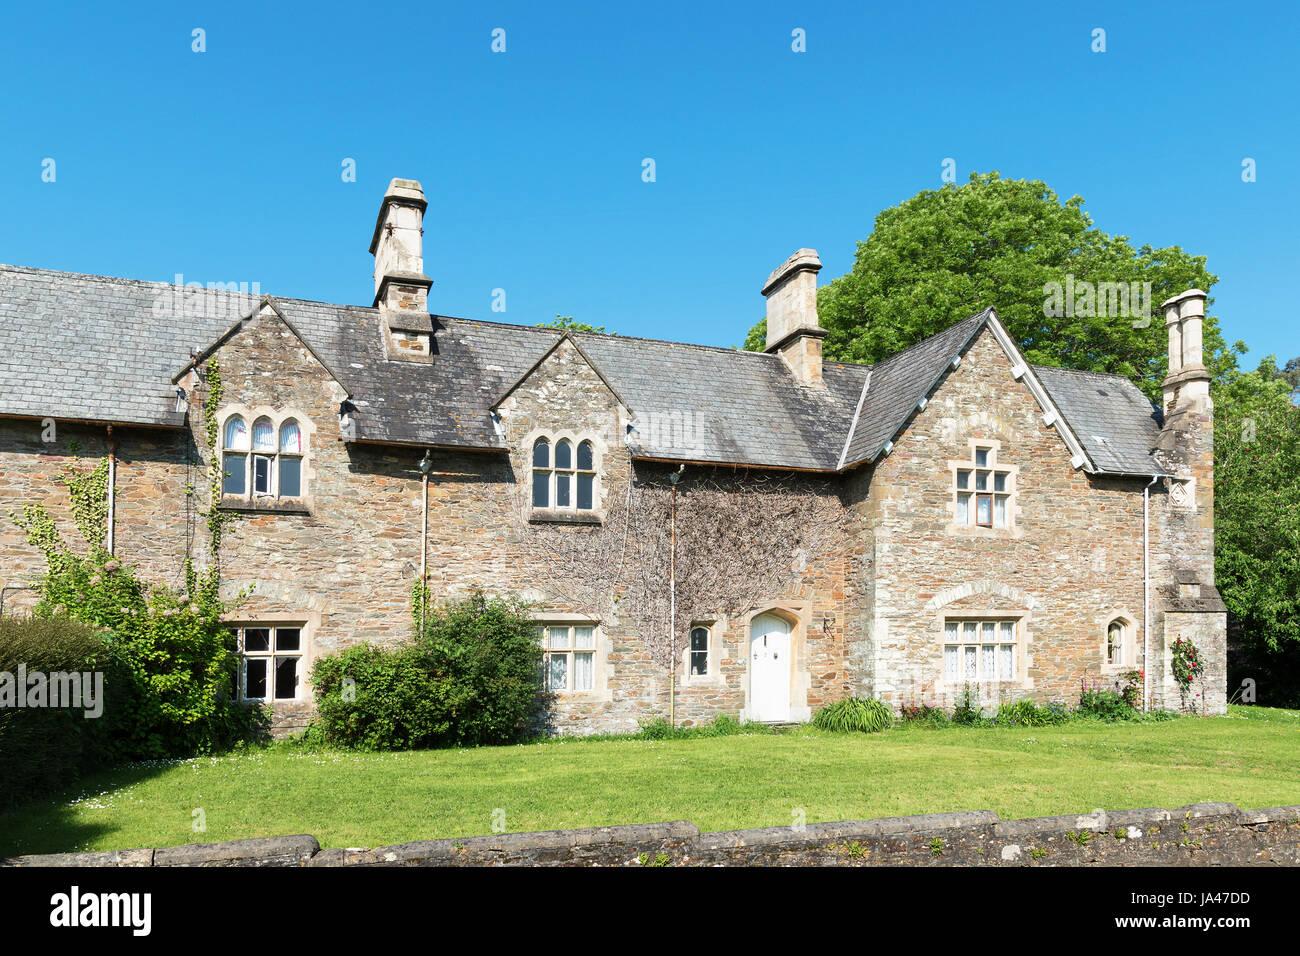 das alte Schulhaus umgebaut jetzt Häuser im Dorf von st.germans, Cornwall, England, Großbritannien, uk Stockbild